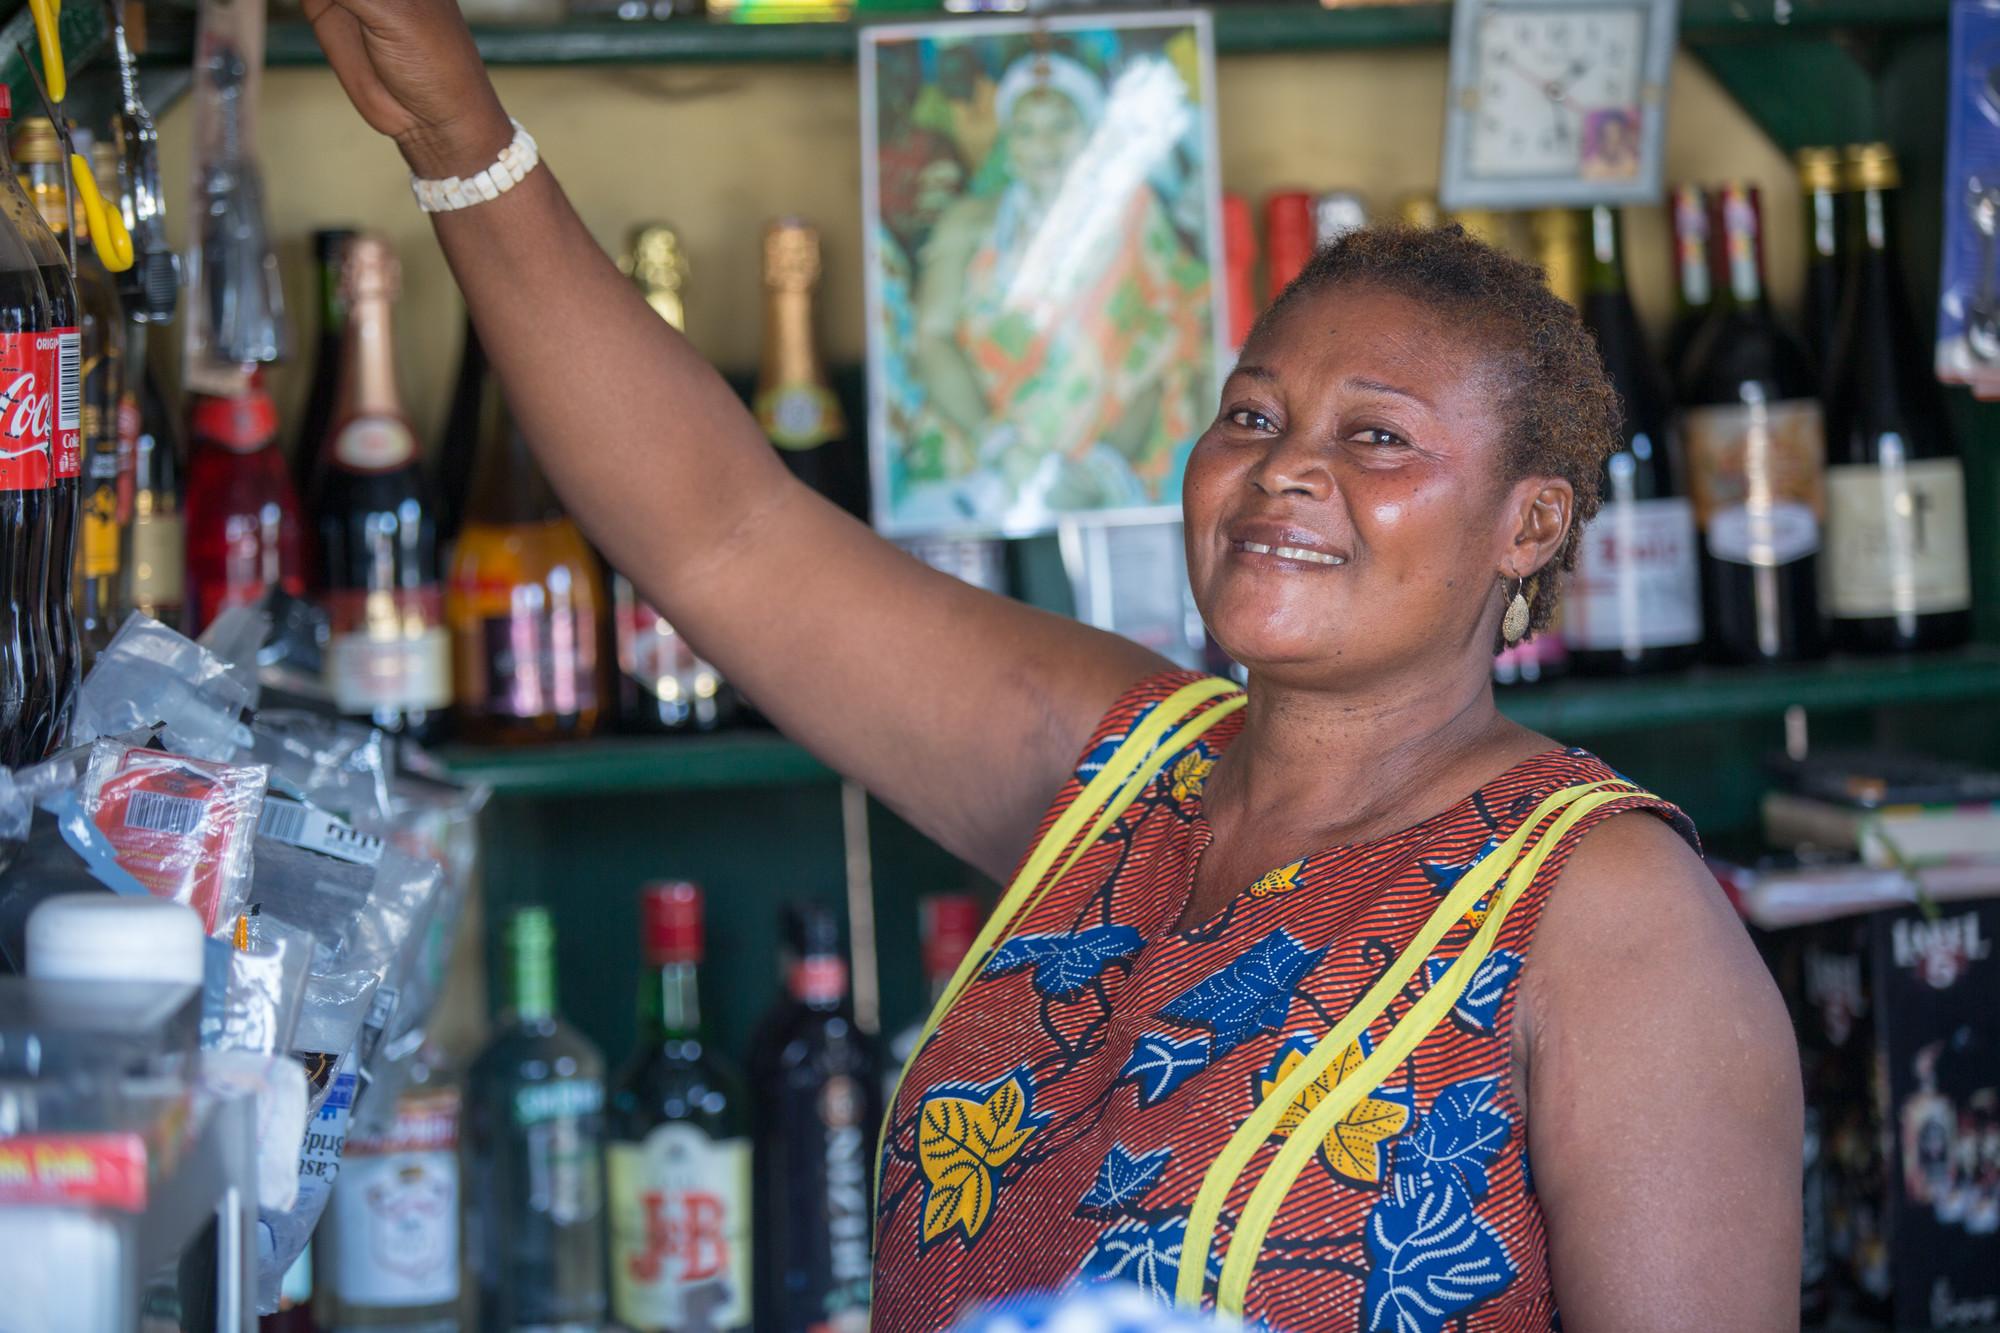 Una mujer sonríe mientras alcanza un estante en un bar.